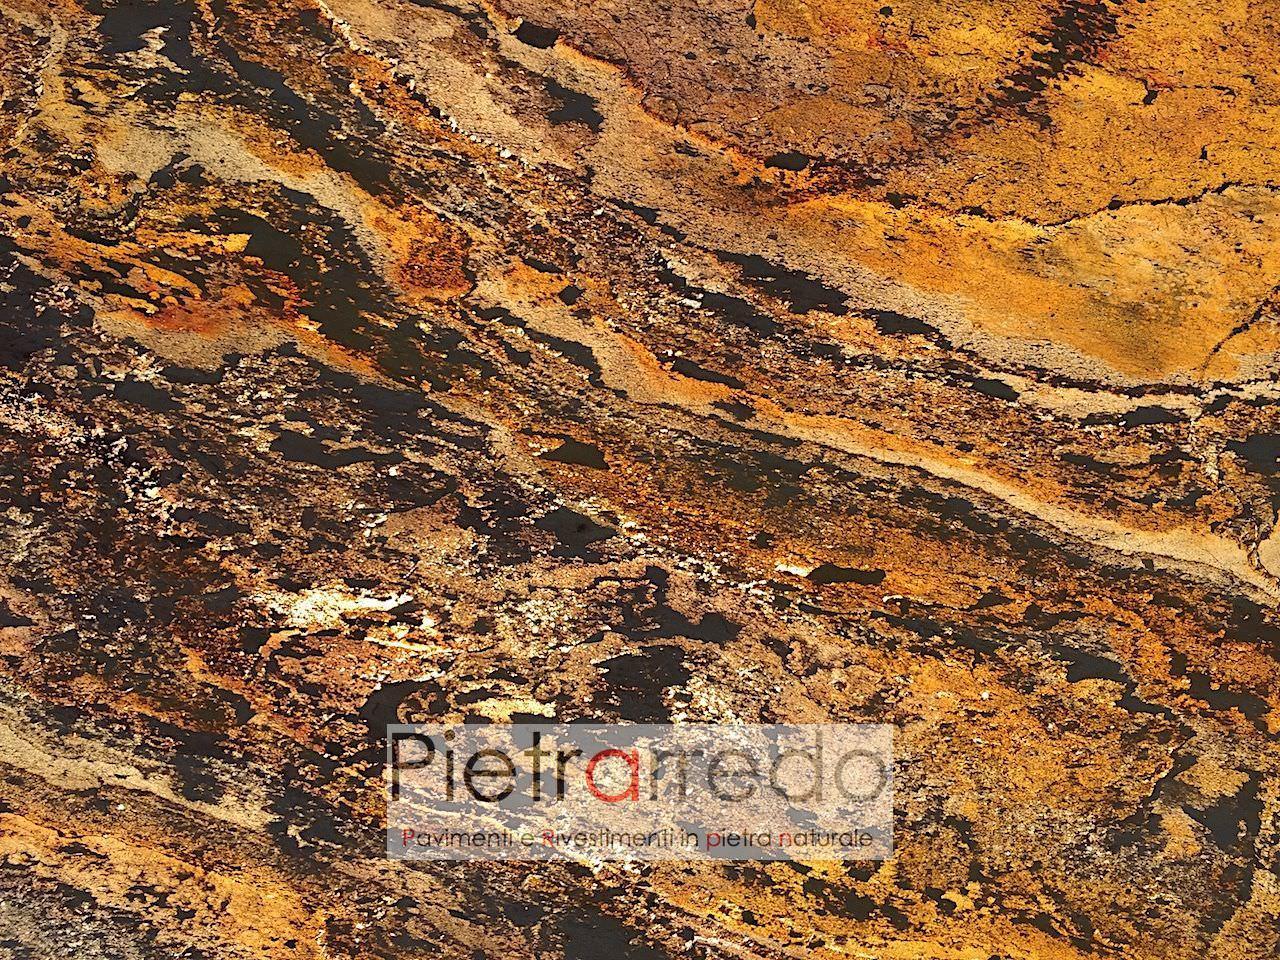 foglio-pietra-flessibile-retroilluminato-onice-sottile-autunno-formica-banconi-bar-arredamenti-design-prezzi